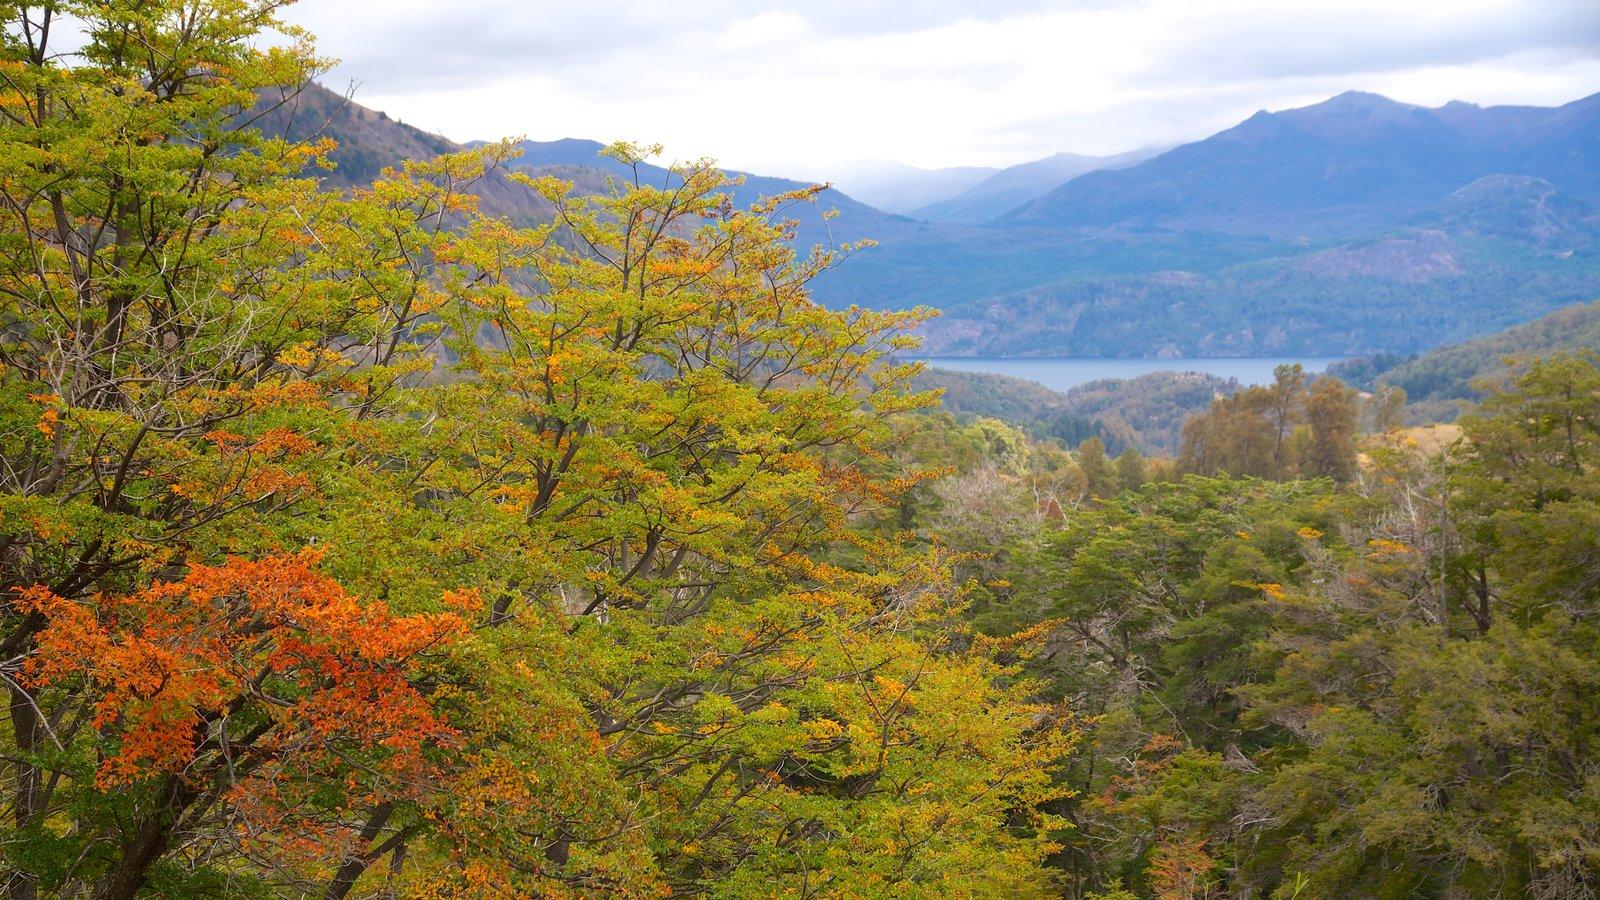 San Martin de los Andes que inclui cenas tranquilas e paisagem